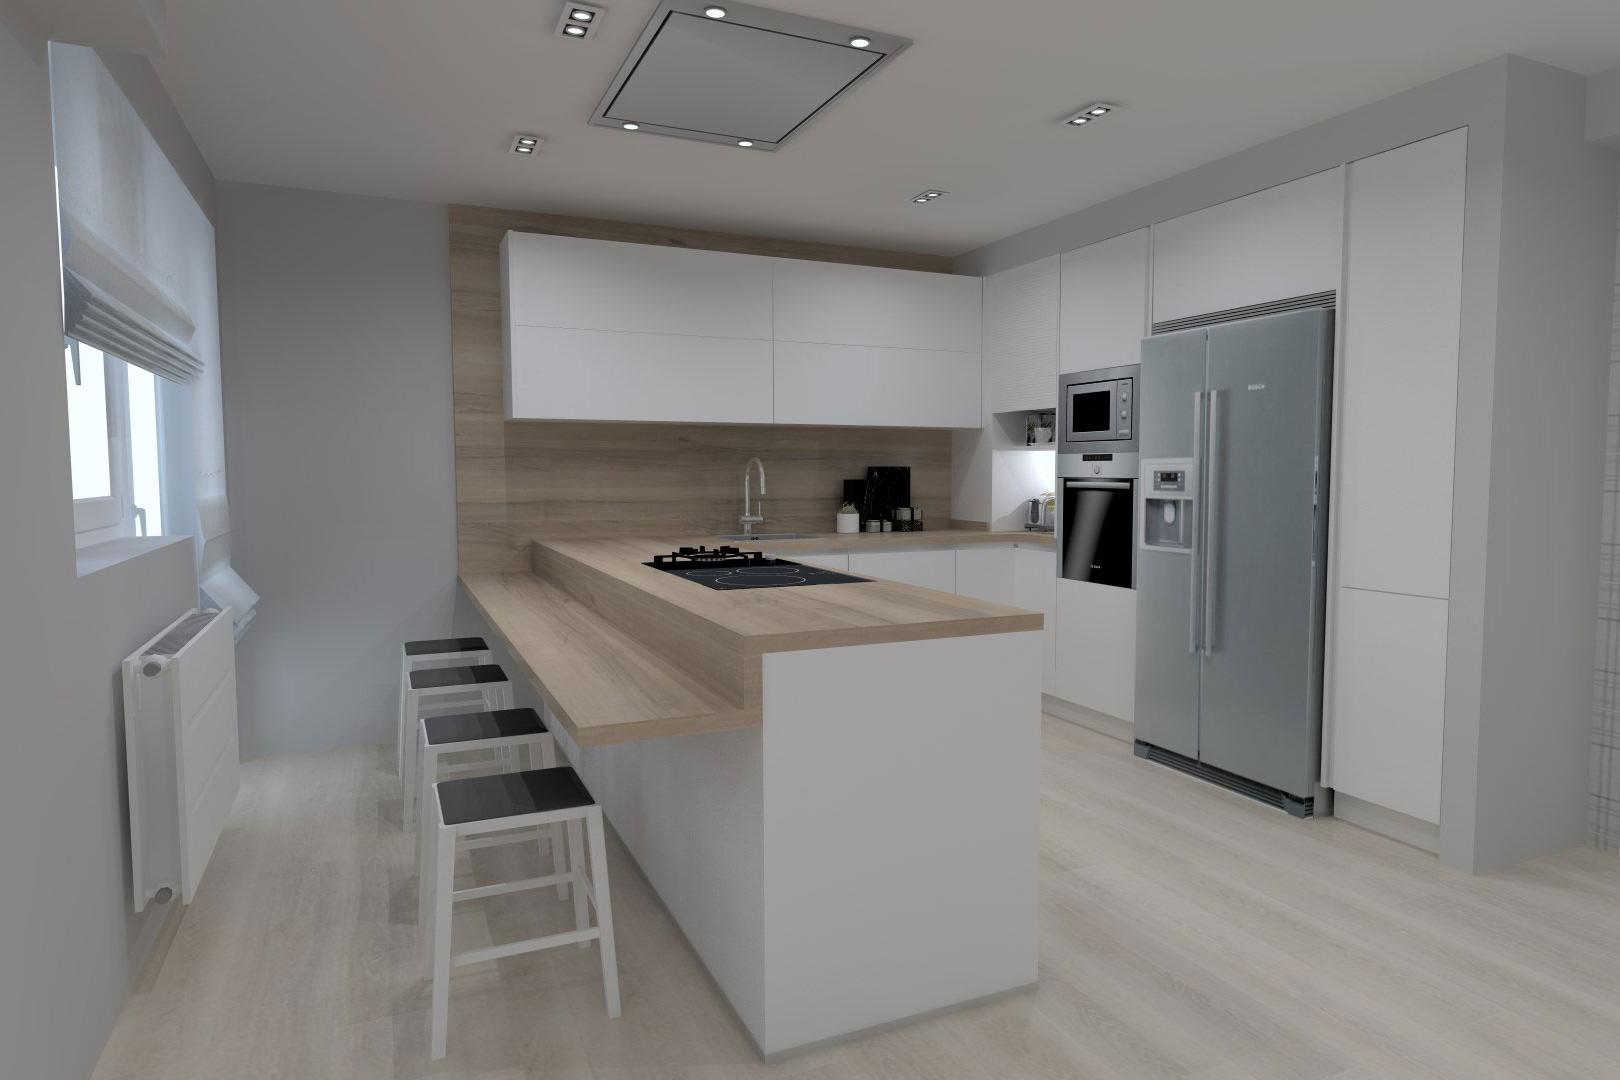 Cocina blanca con encimera y salpicadero de madera